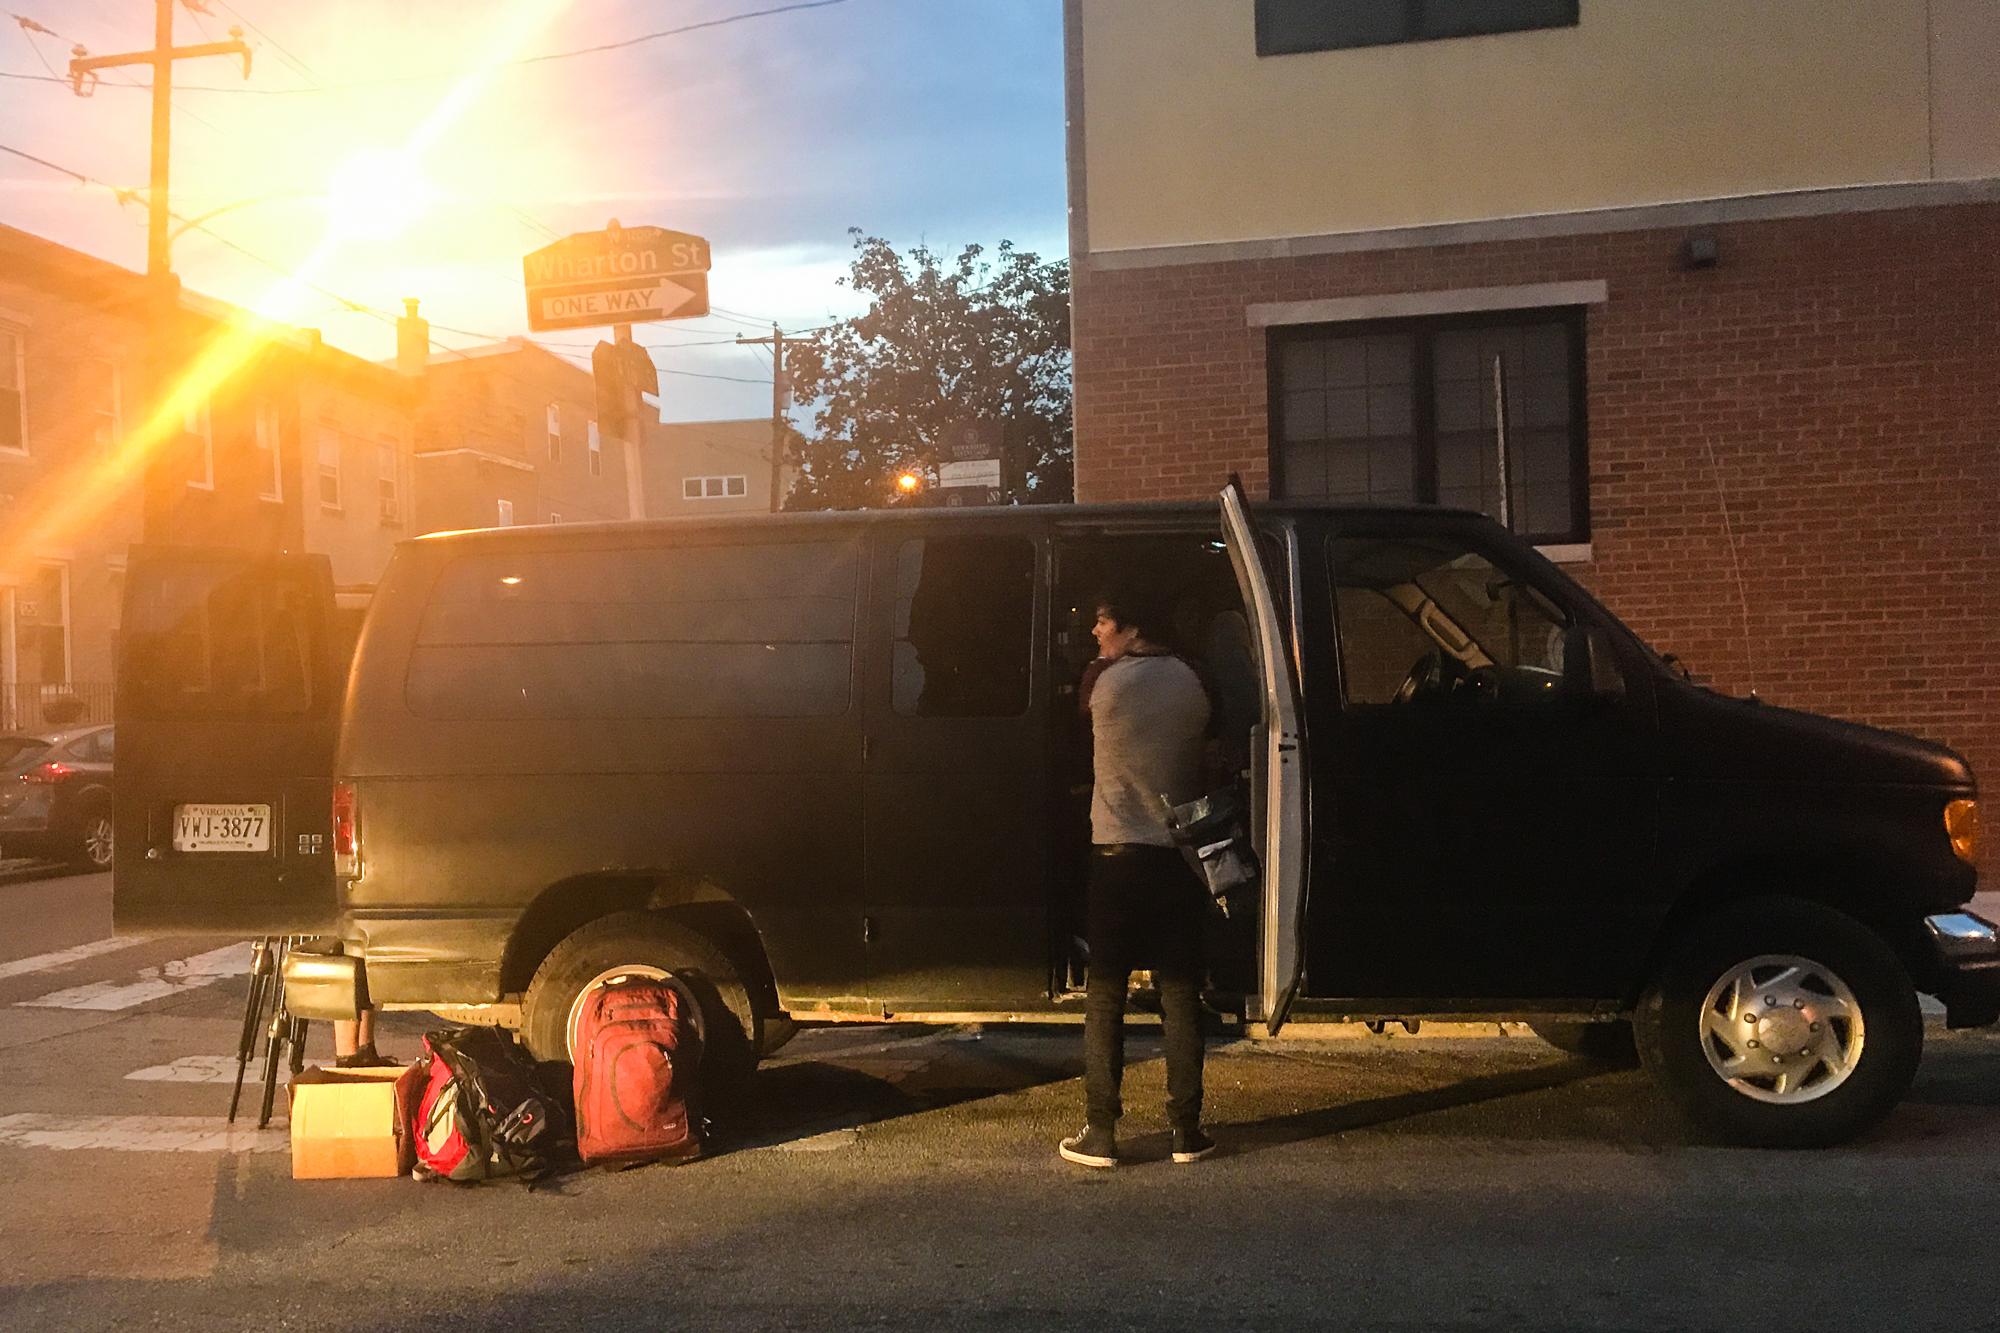 Alex Gruenburg unloading the van in Philadelphia.